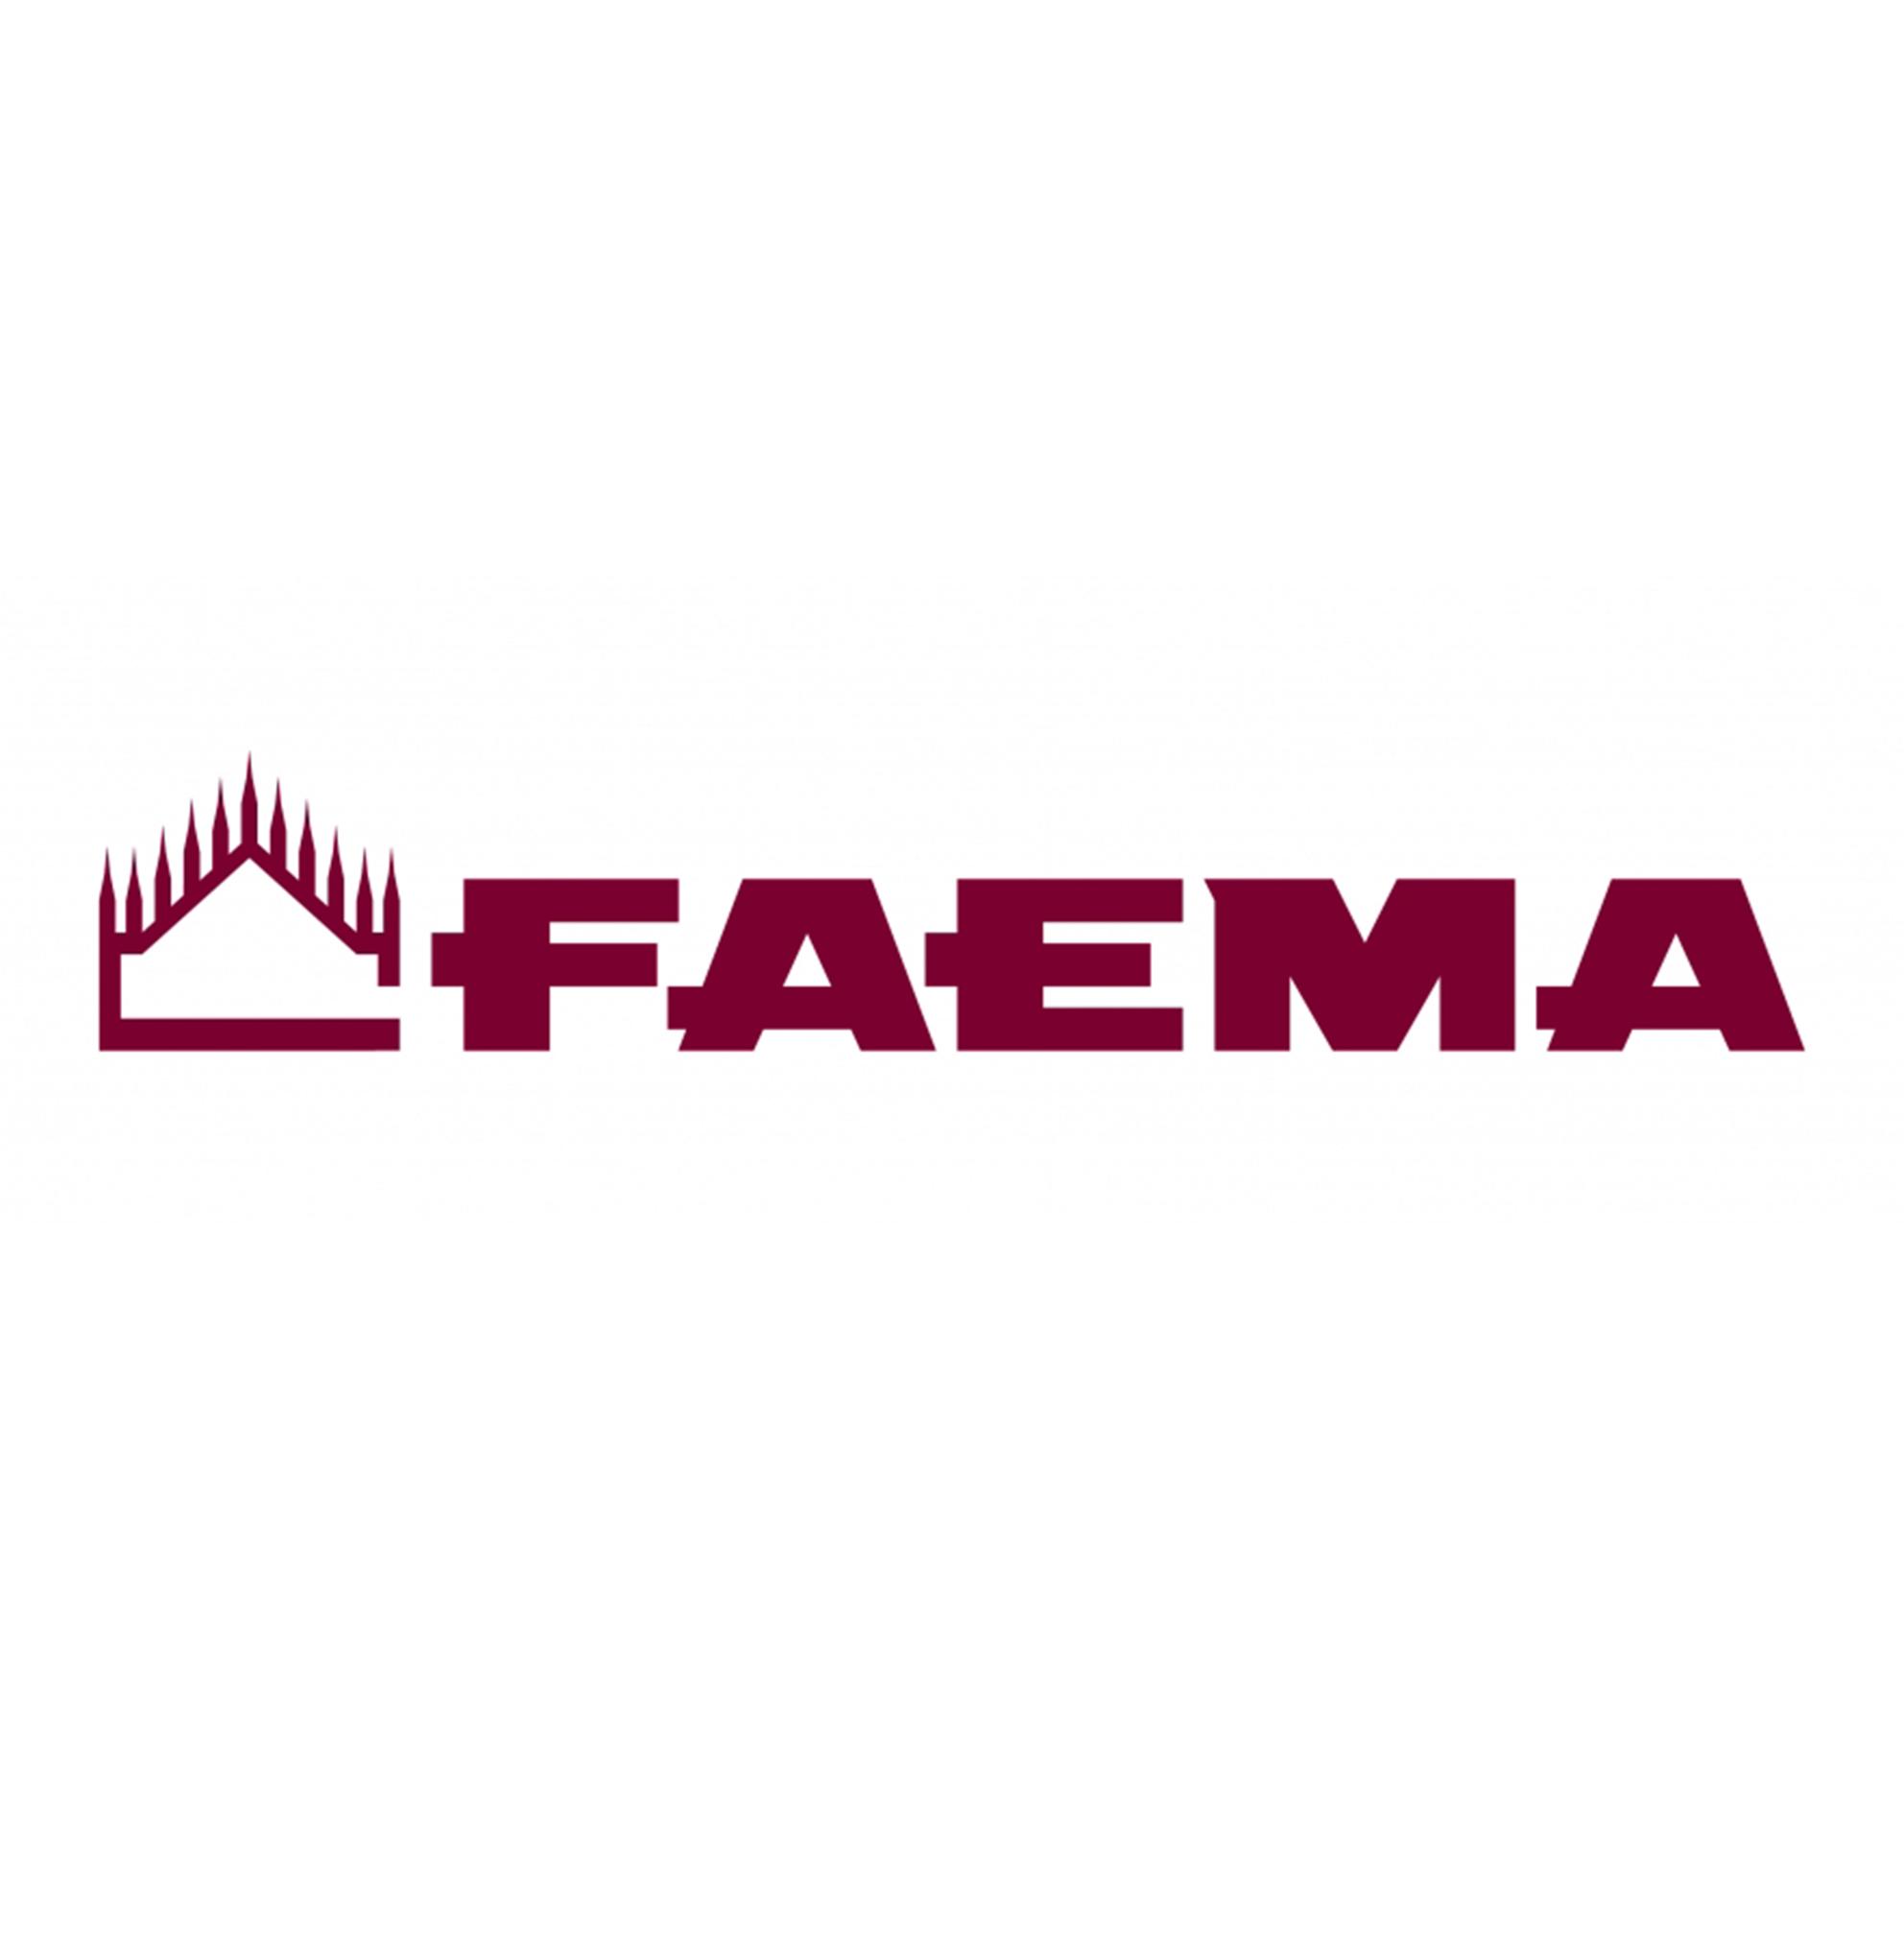 FAEMA_1.jpg